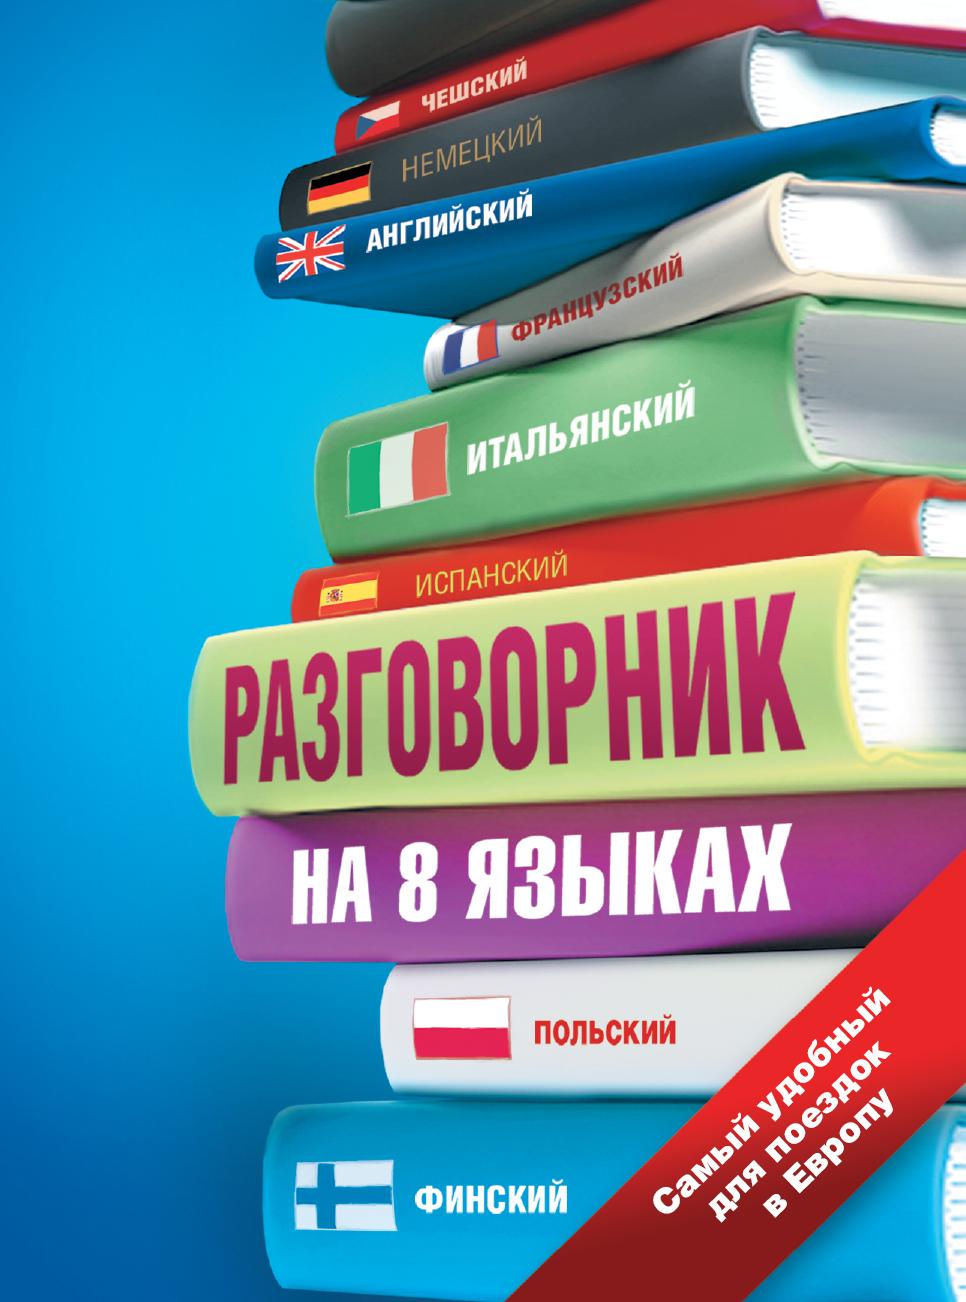 Разговорник на 8 языках. Английский, немецкий, французский, итальянский, испанский, польский, финский, чешский